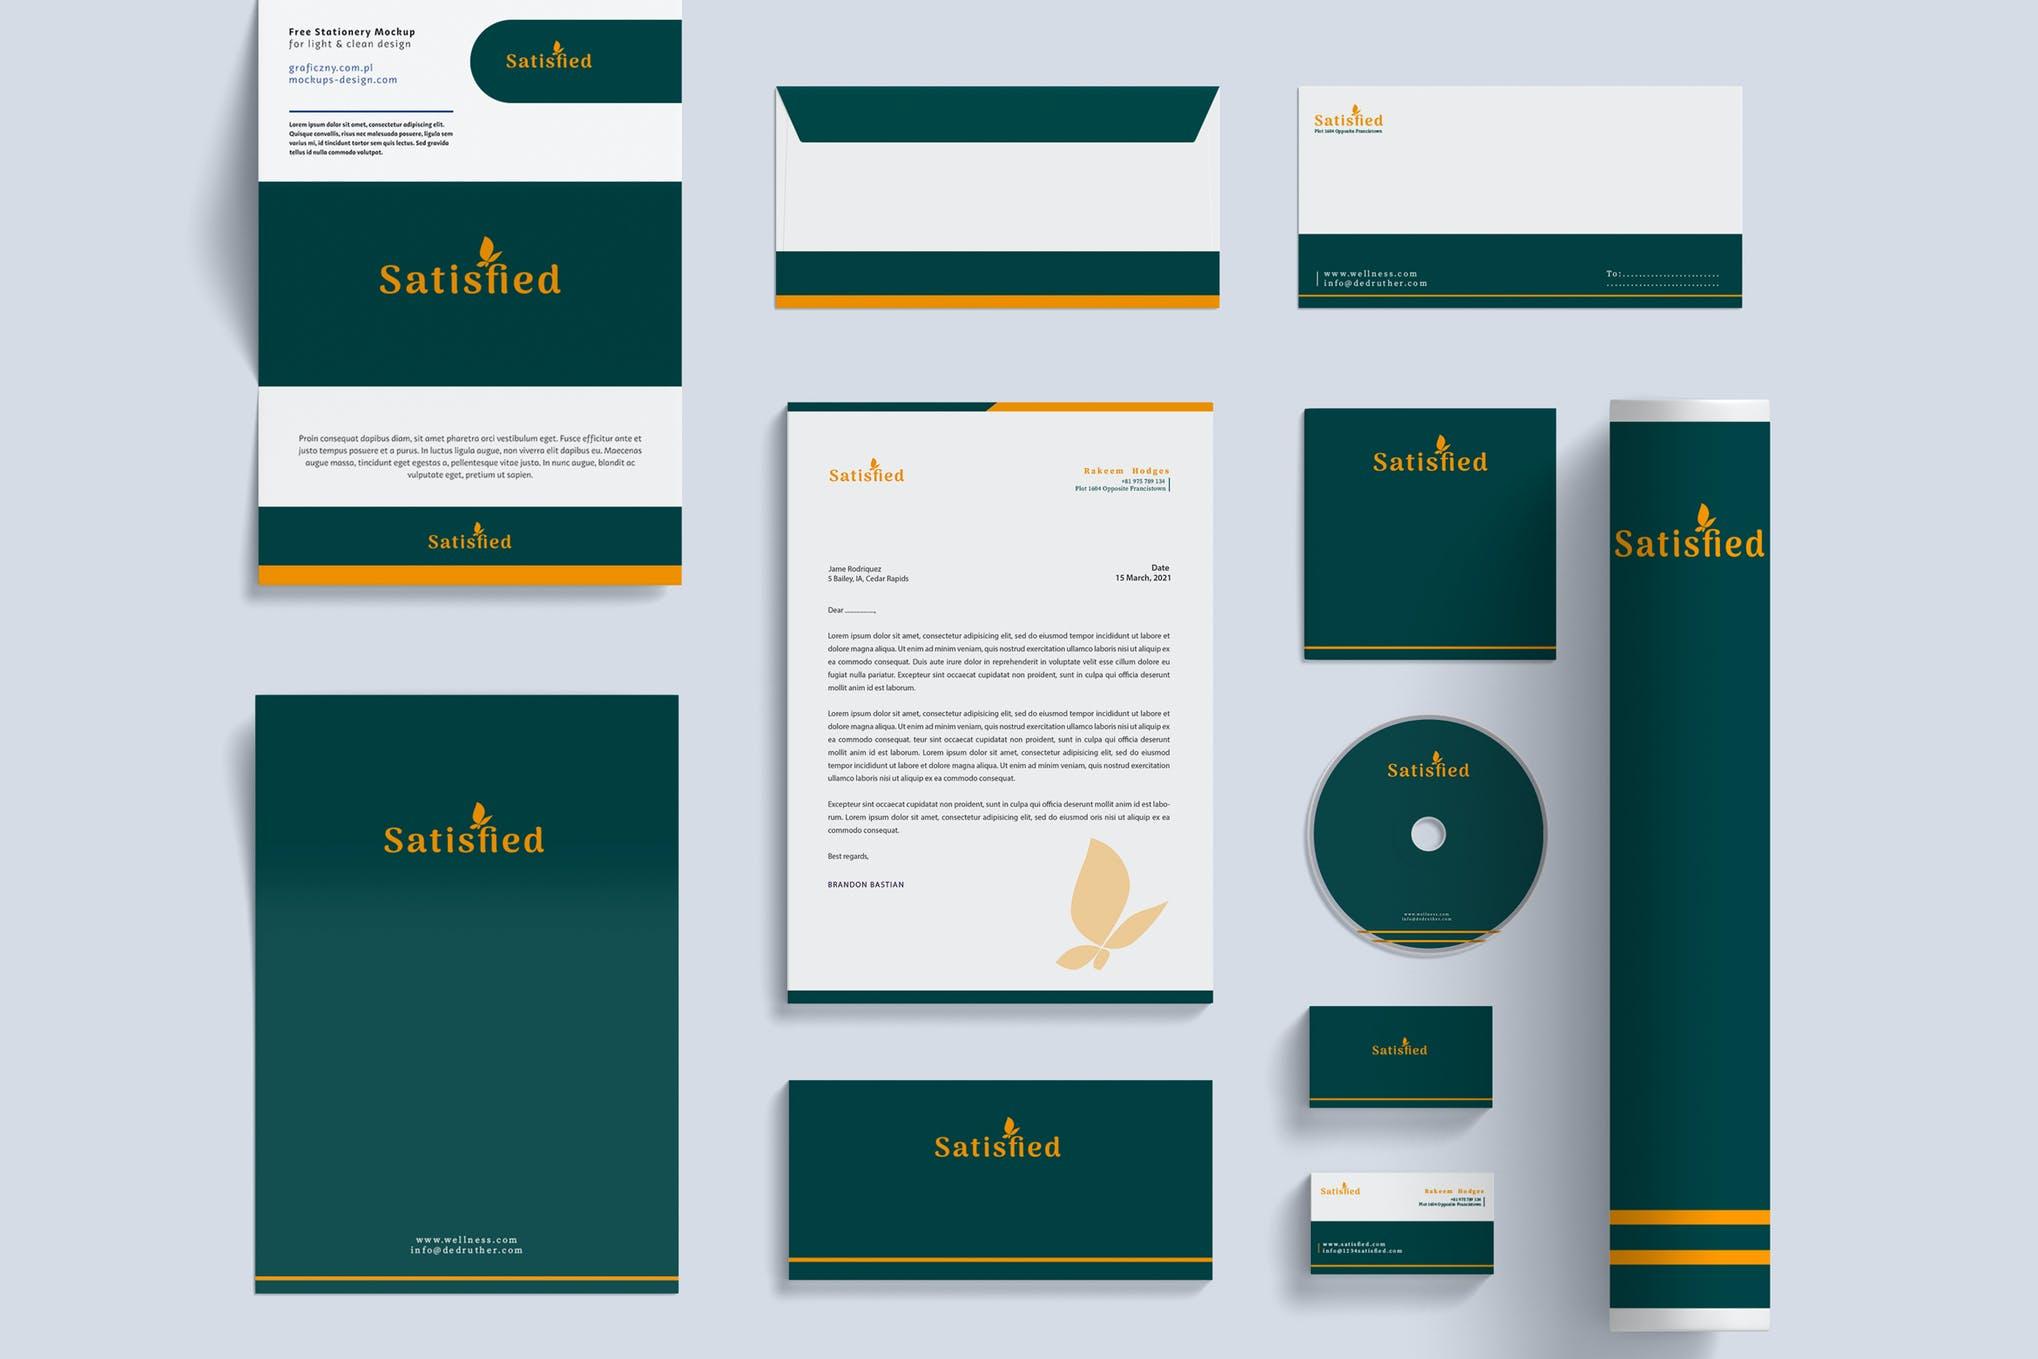 酒店品牌标识和文具包样机模版素材UYY5SK5插图